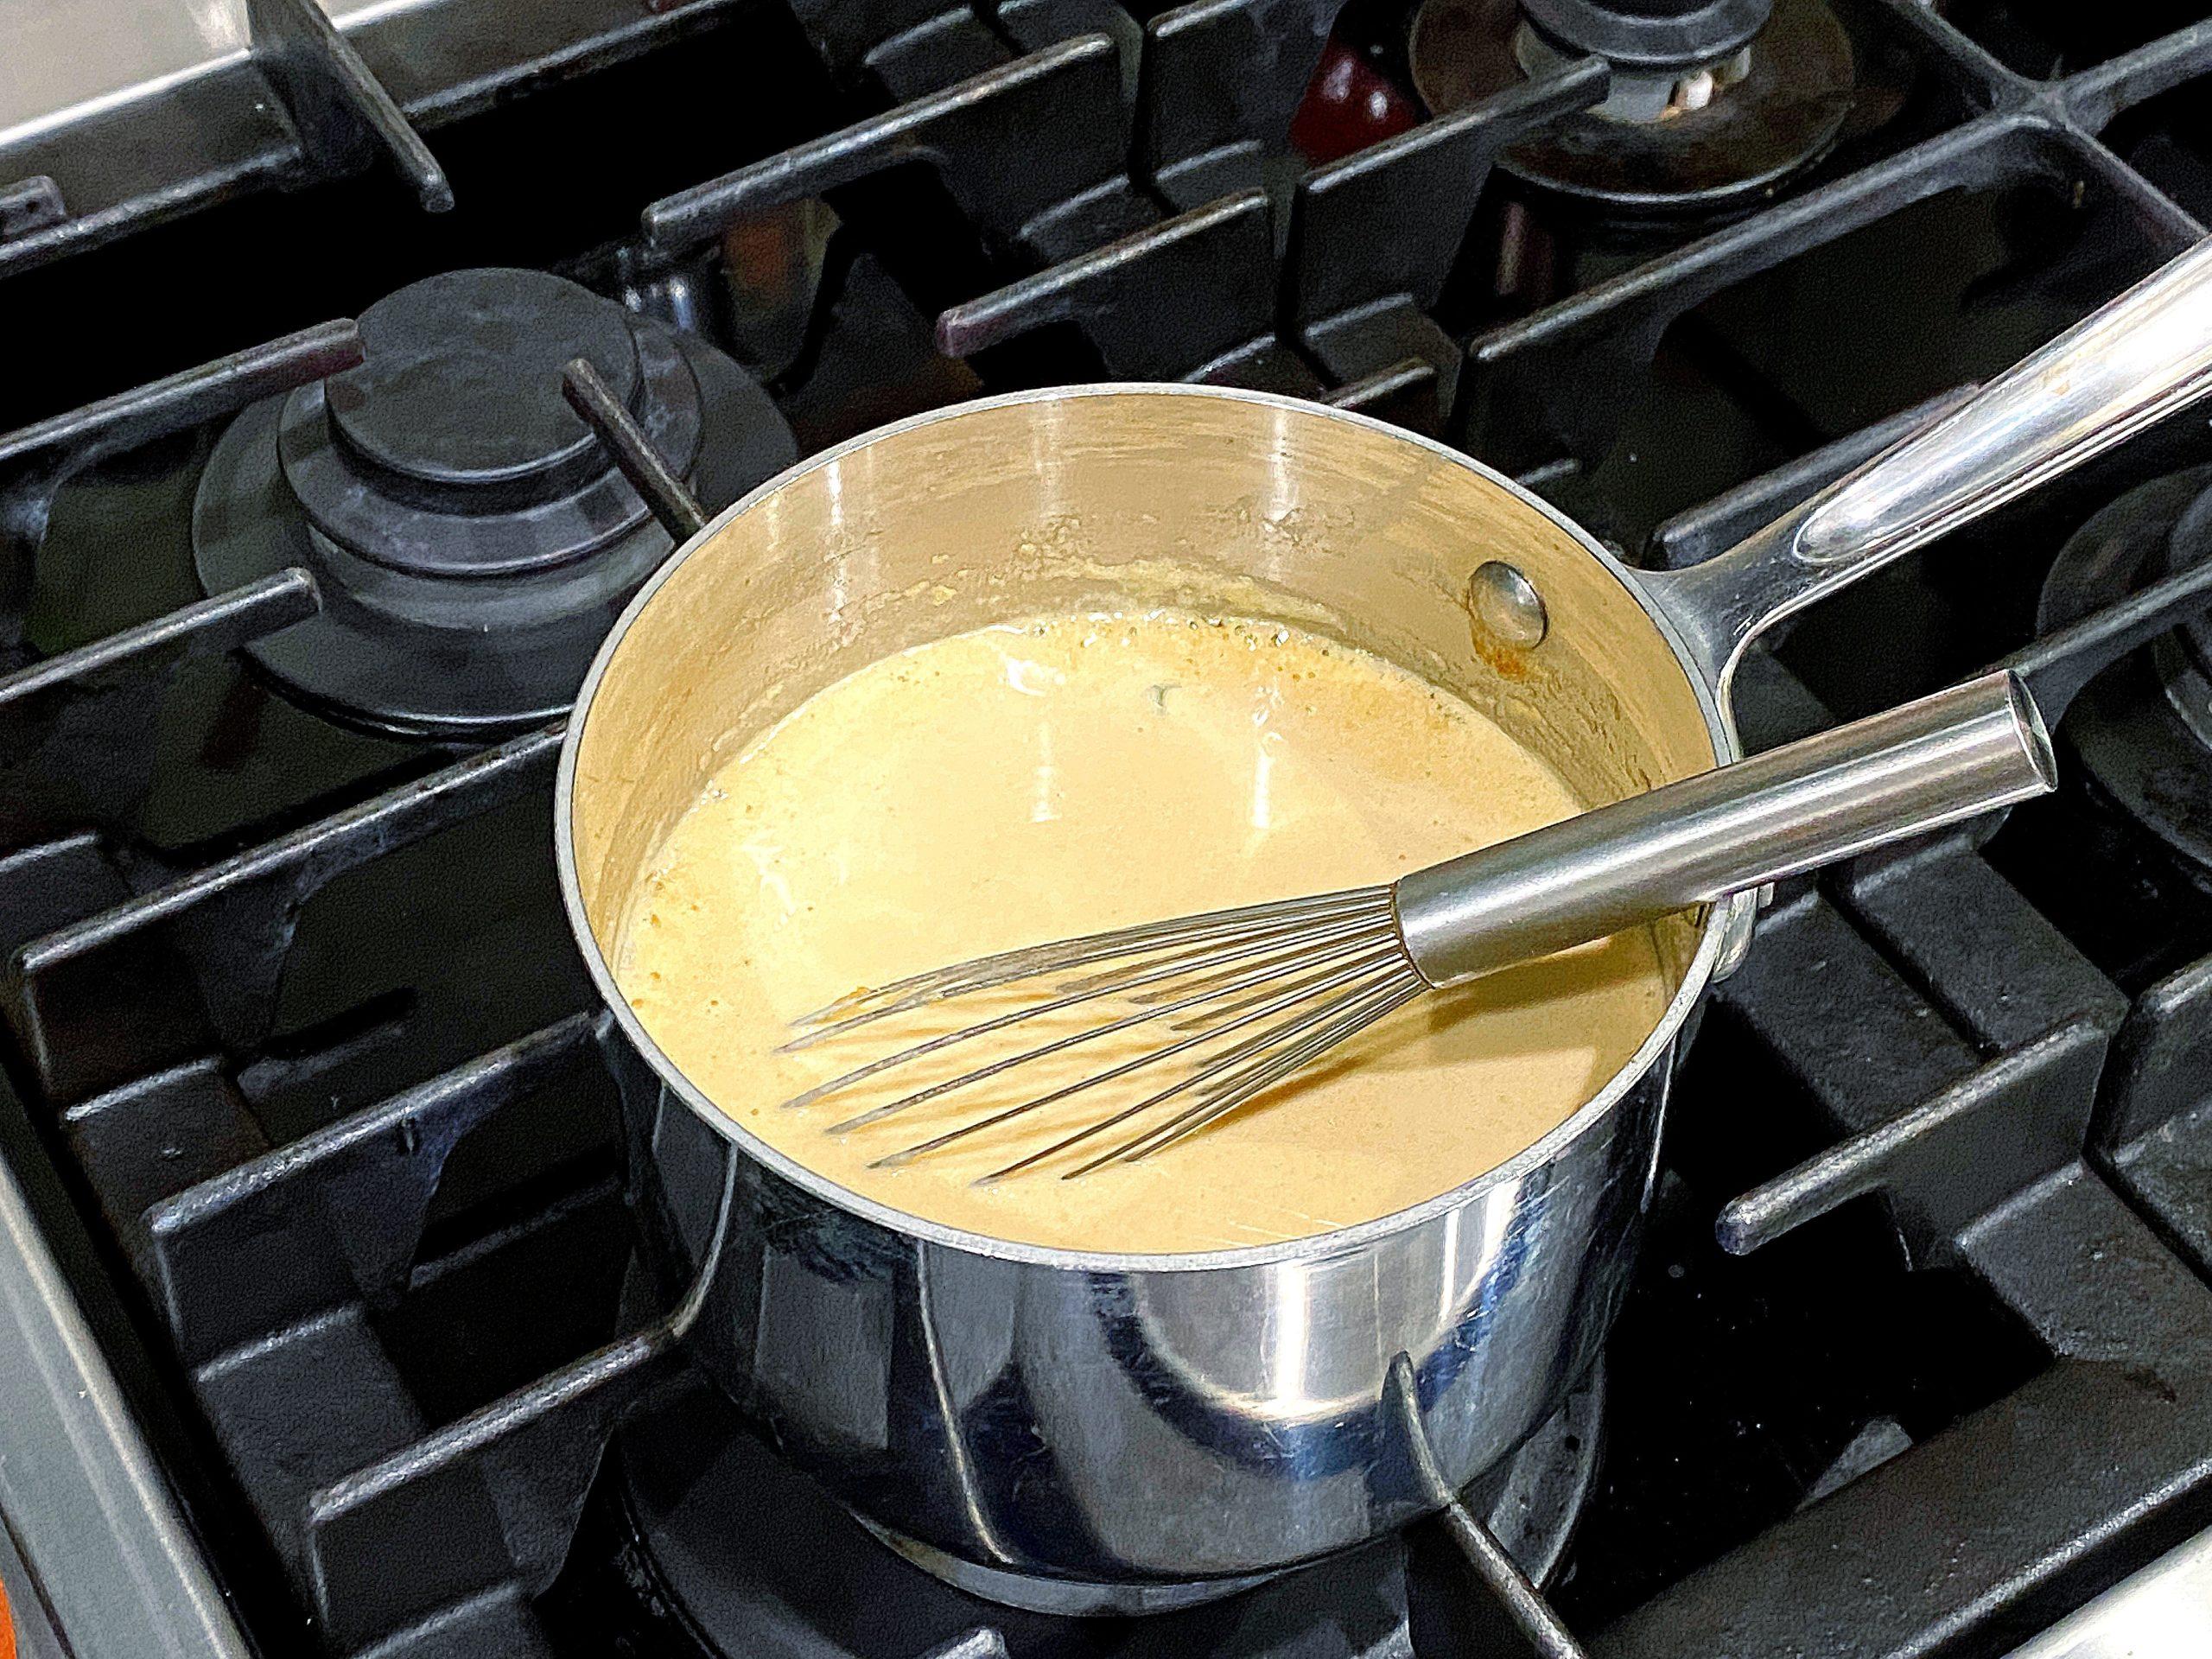 mornay sauce